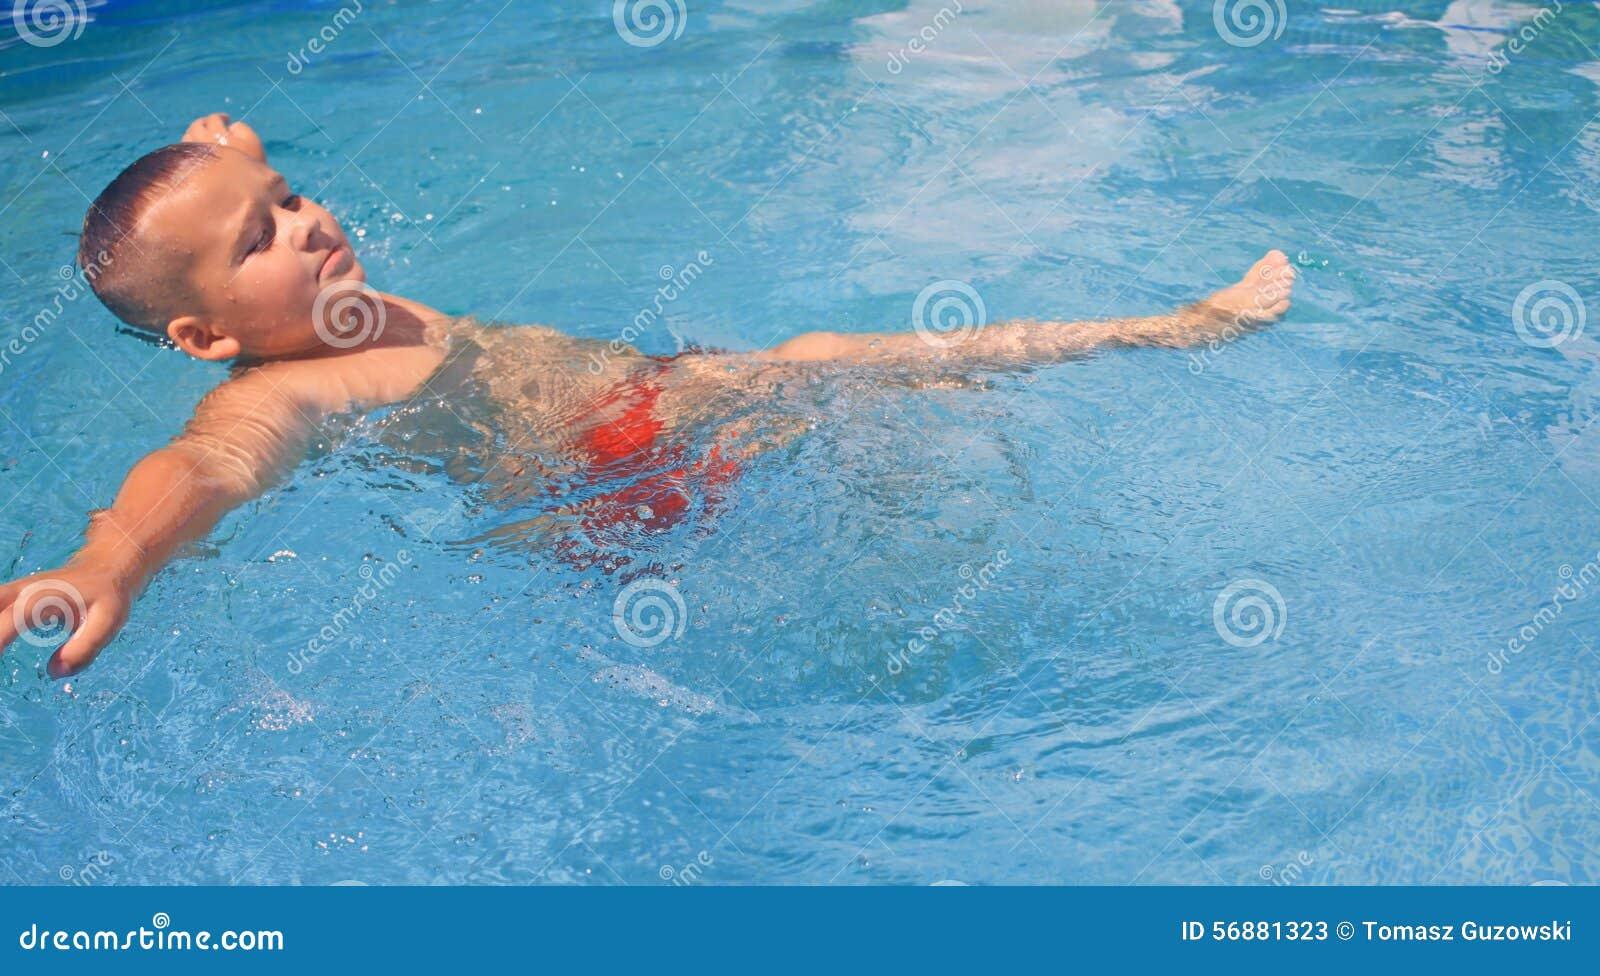 Tätigkeiten auf dem Pool